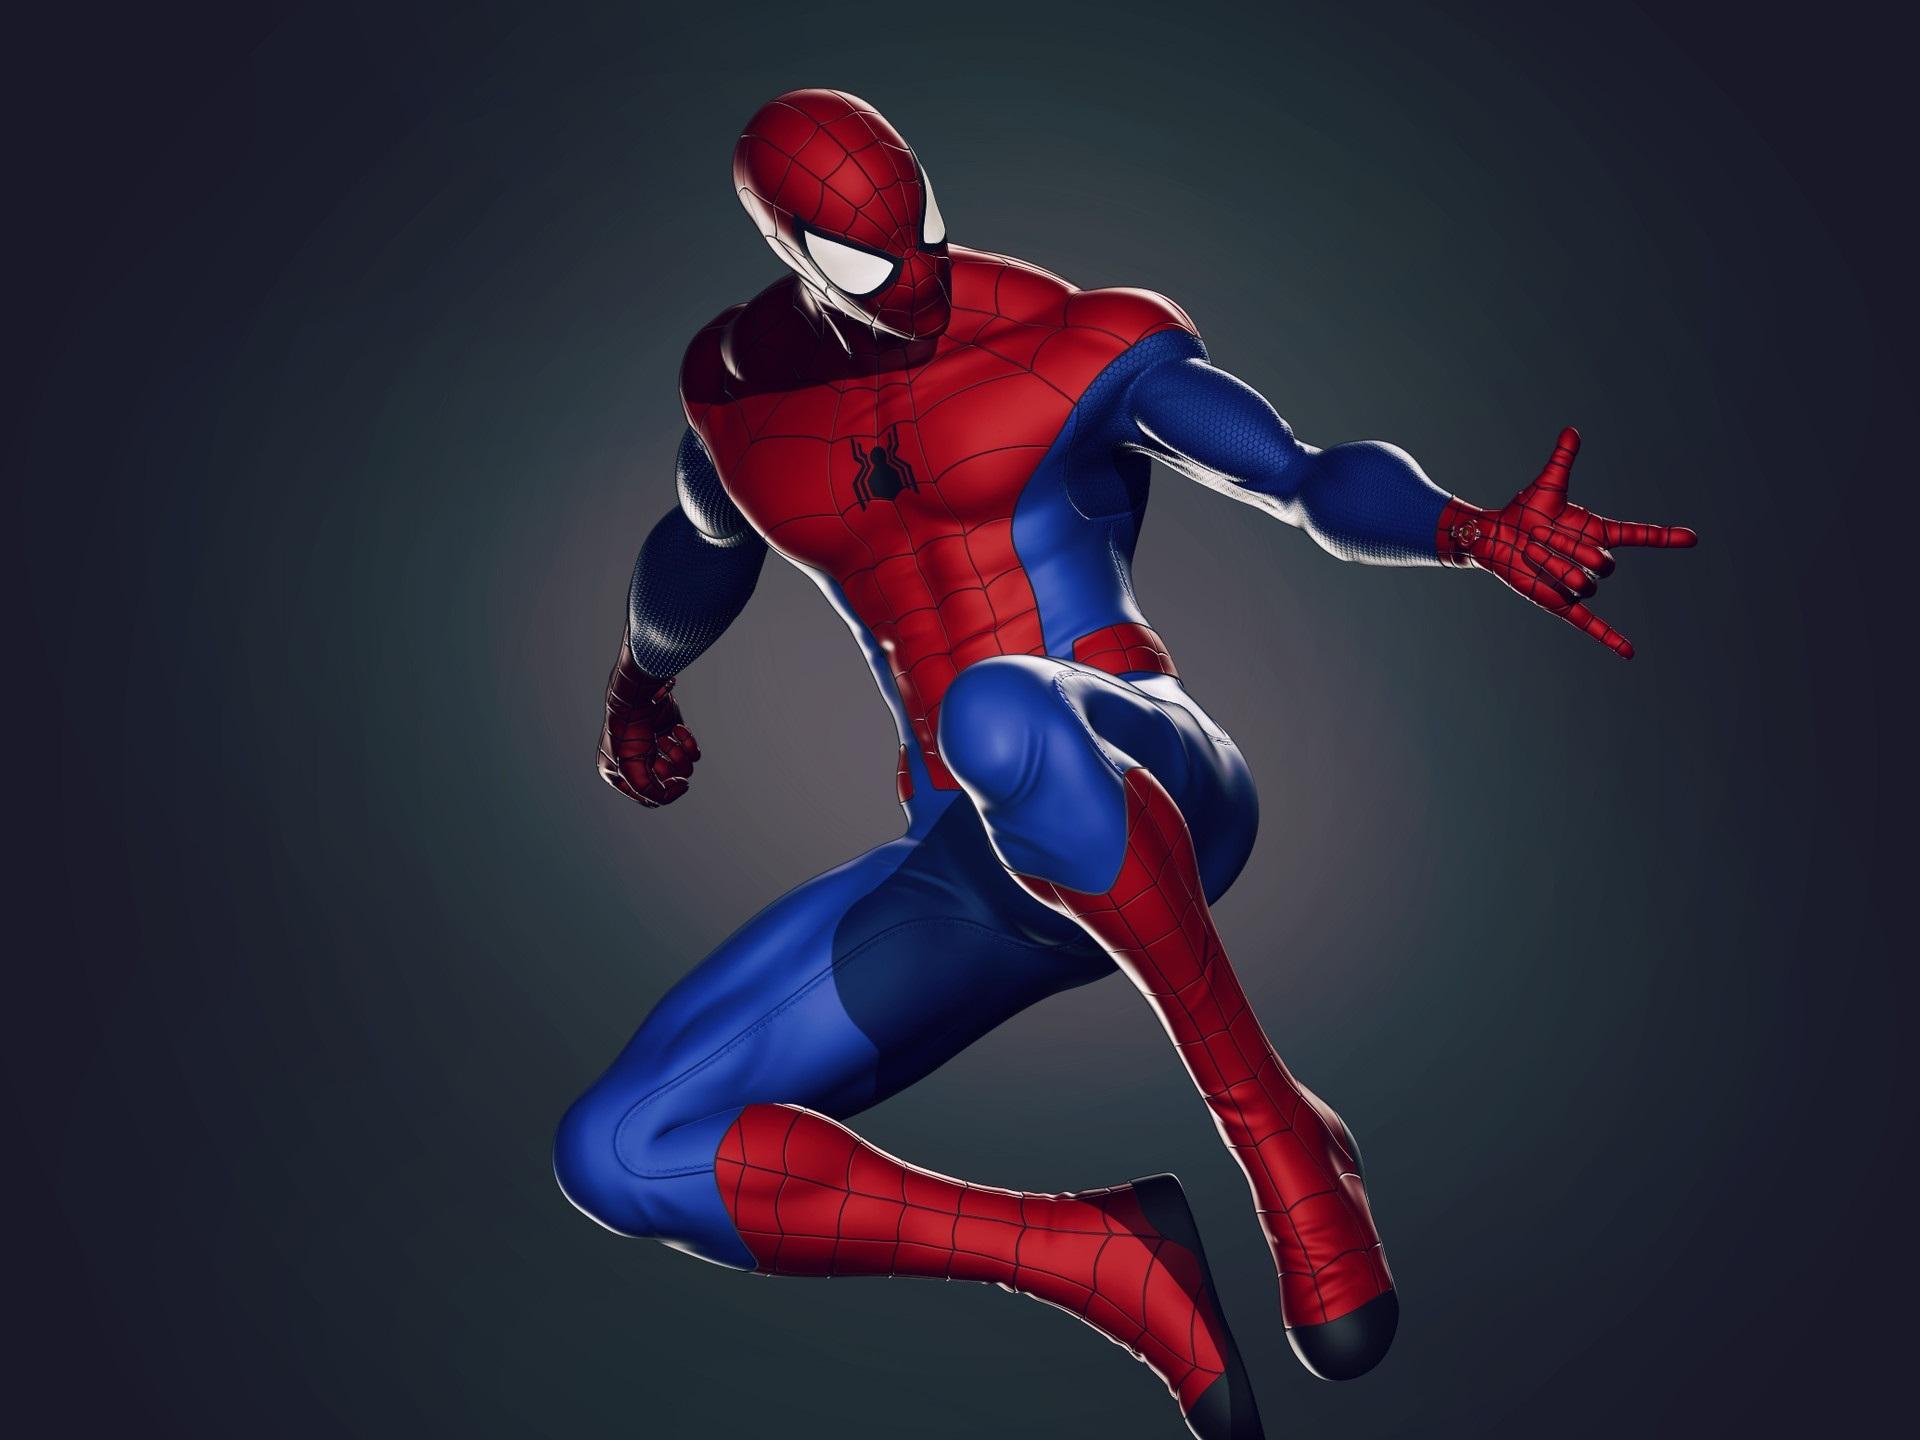 потом шла картинки супергероев марвел человек паук было нелепо, это